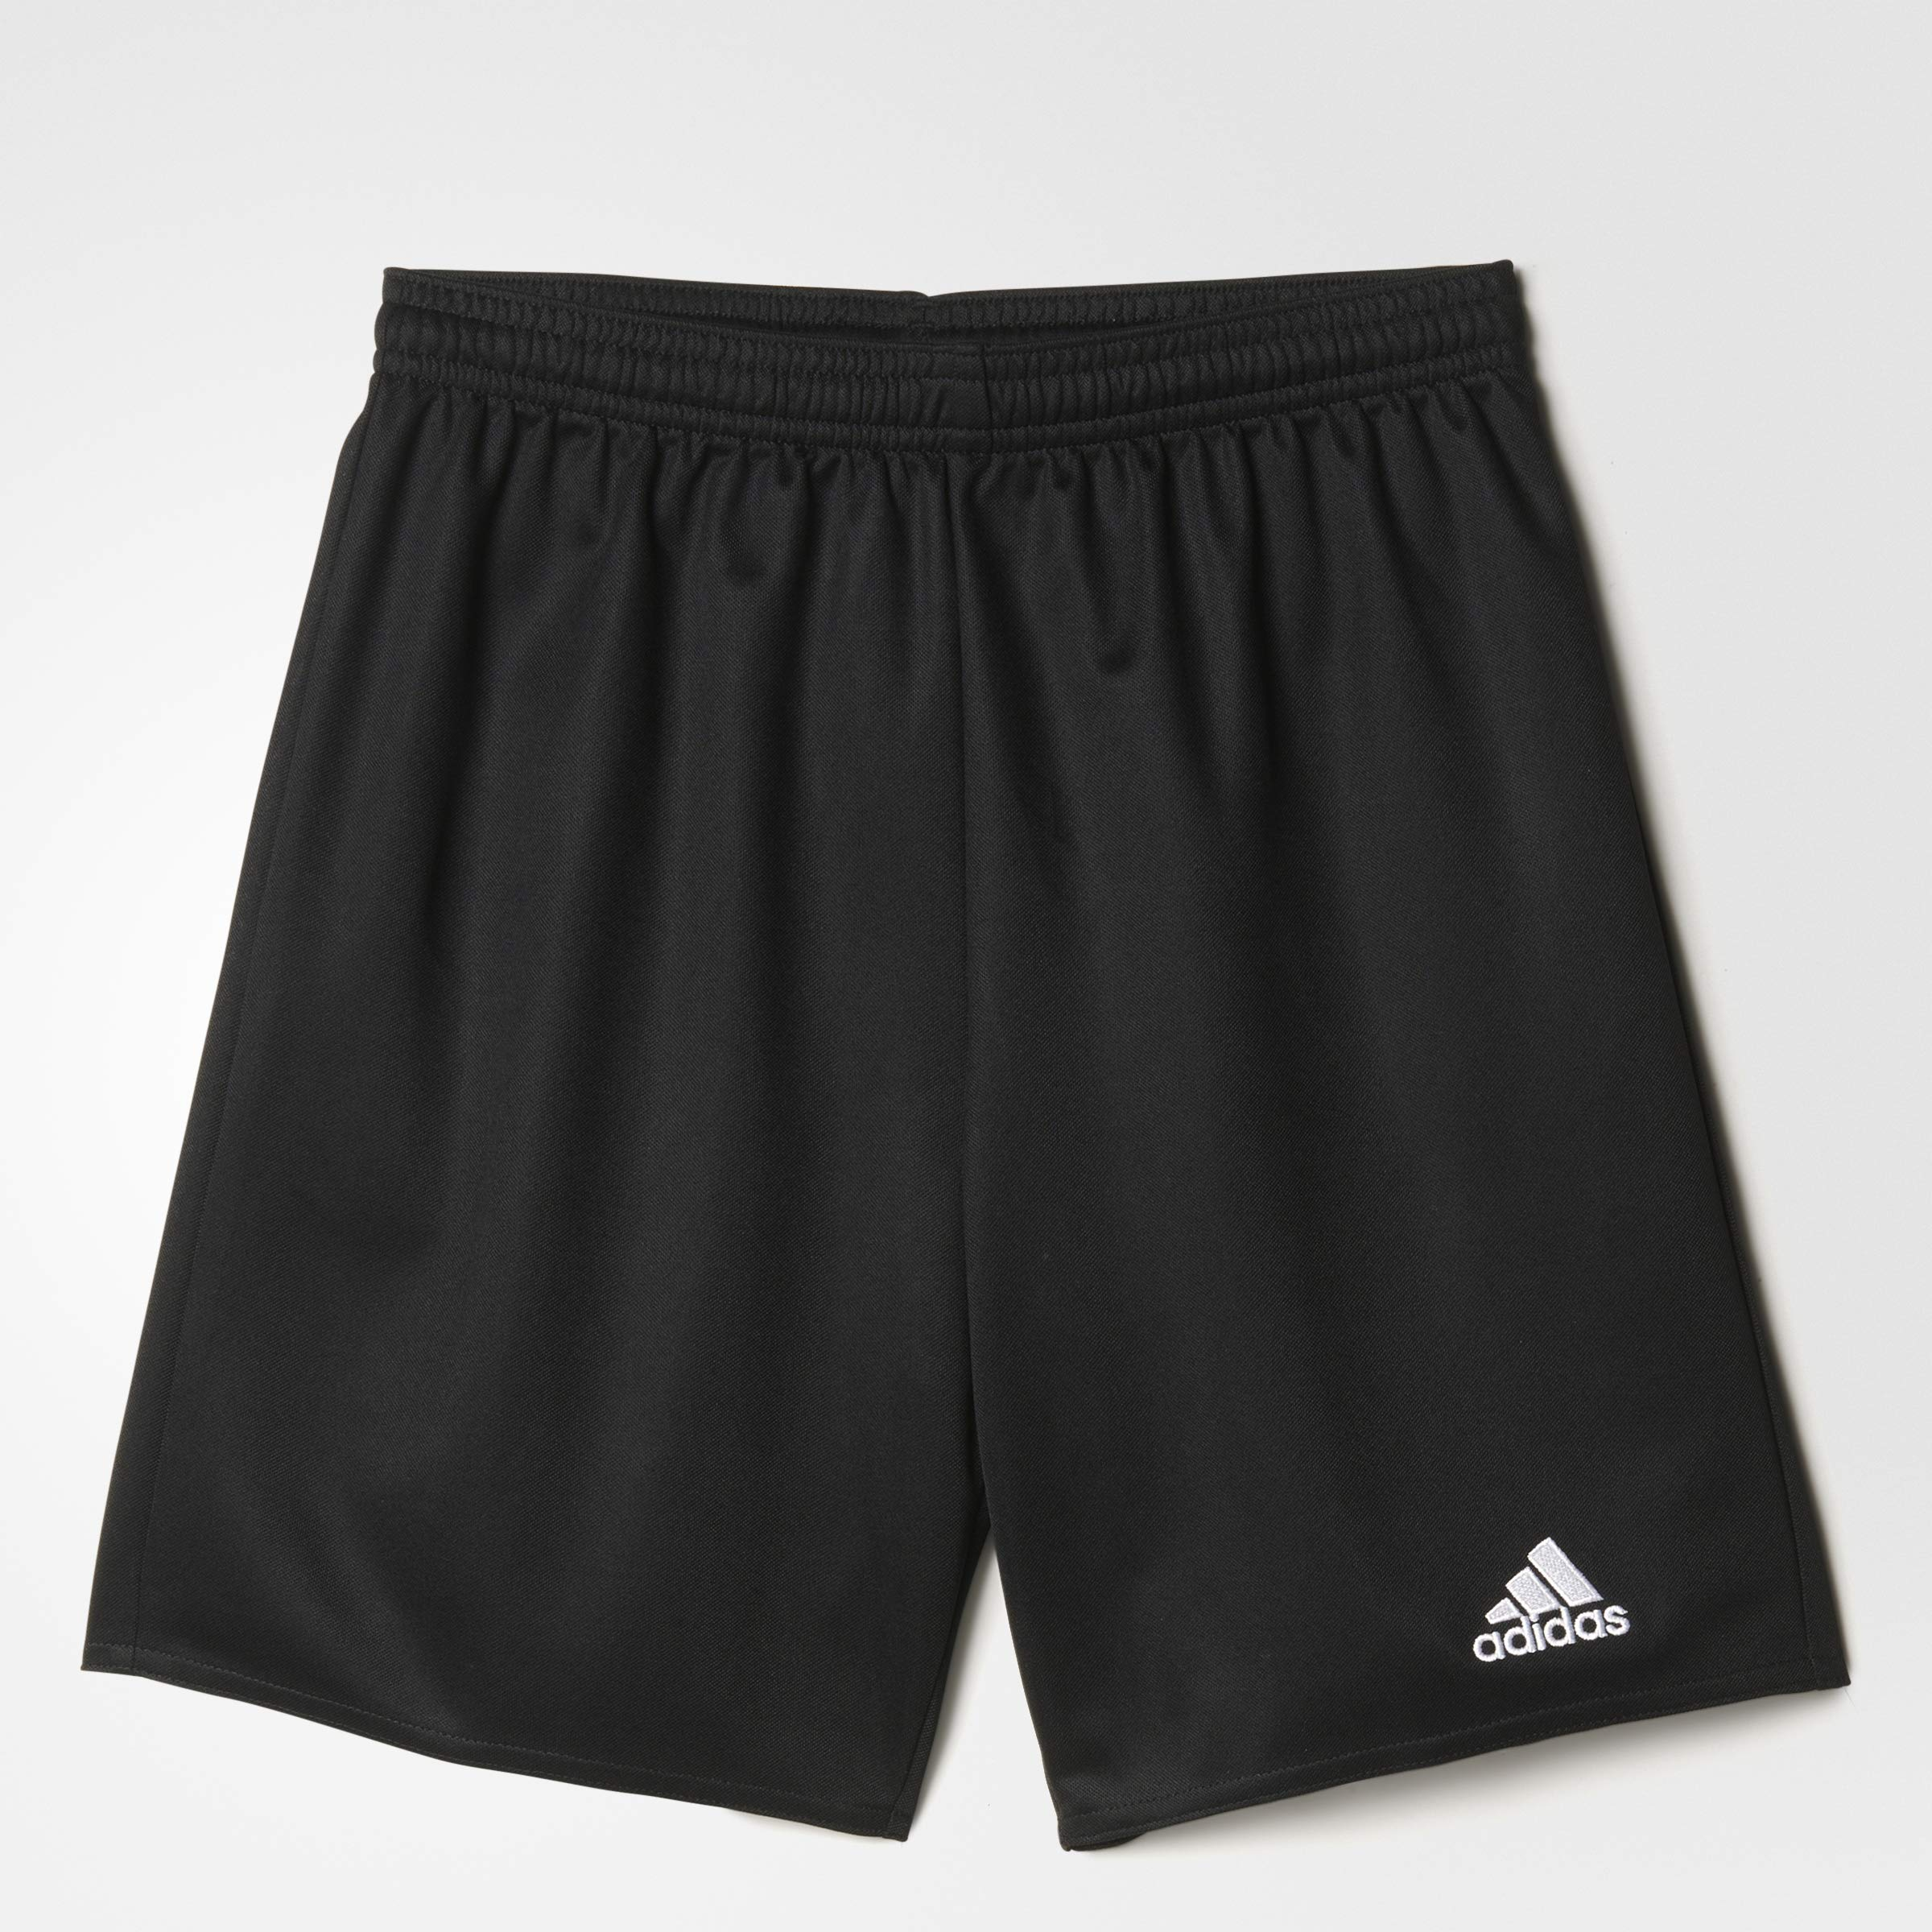 adidas Youth Parma 16 Shorts